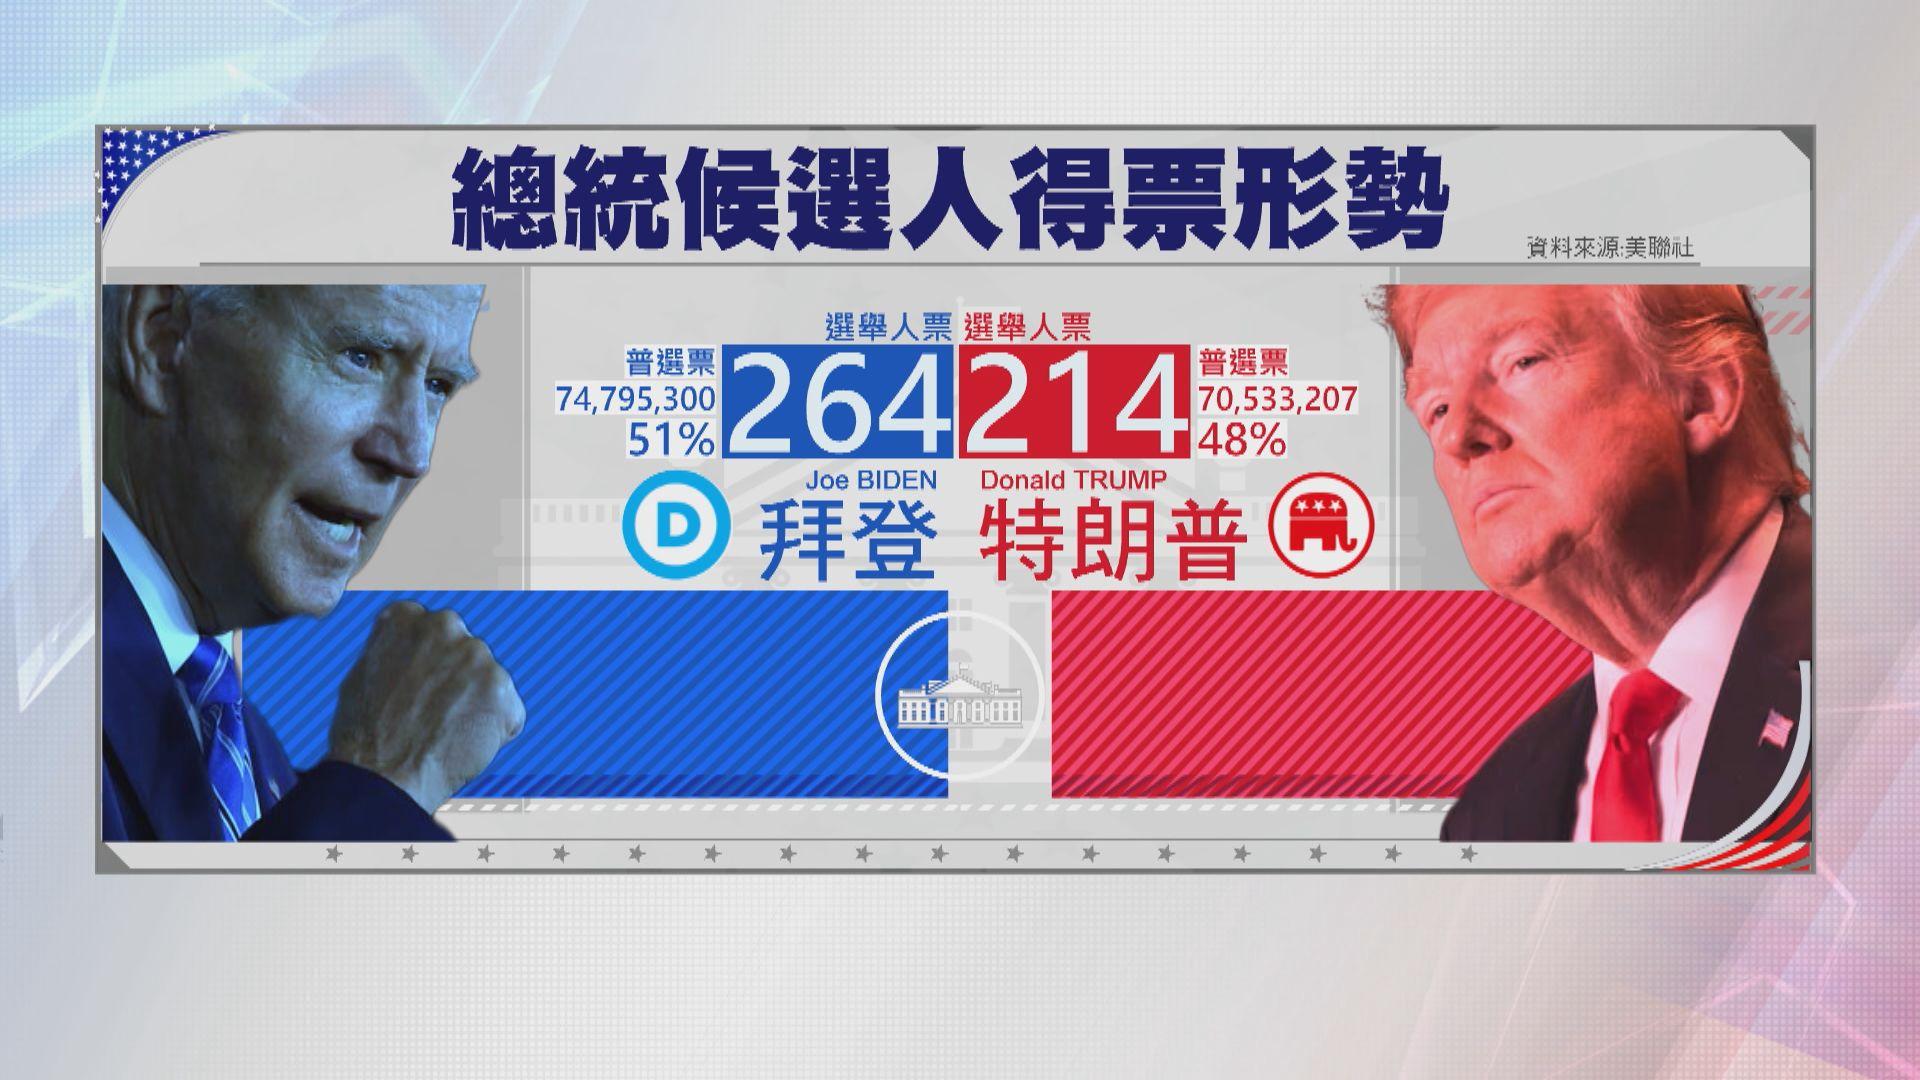 拜登料自己會大勝 多拿一個搖擺州選舉人票就能當選